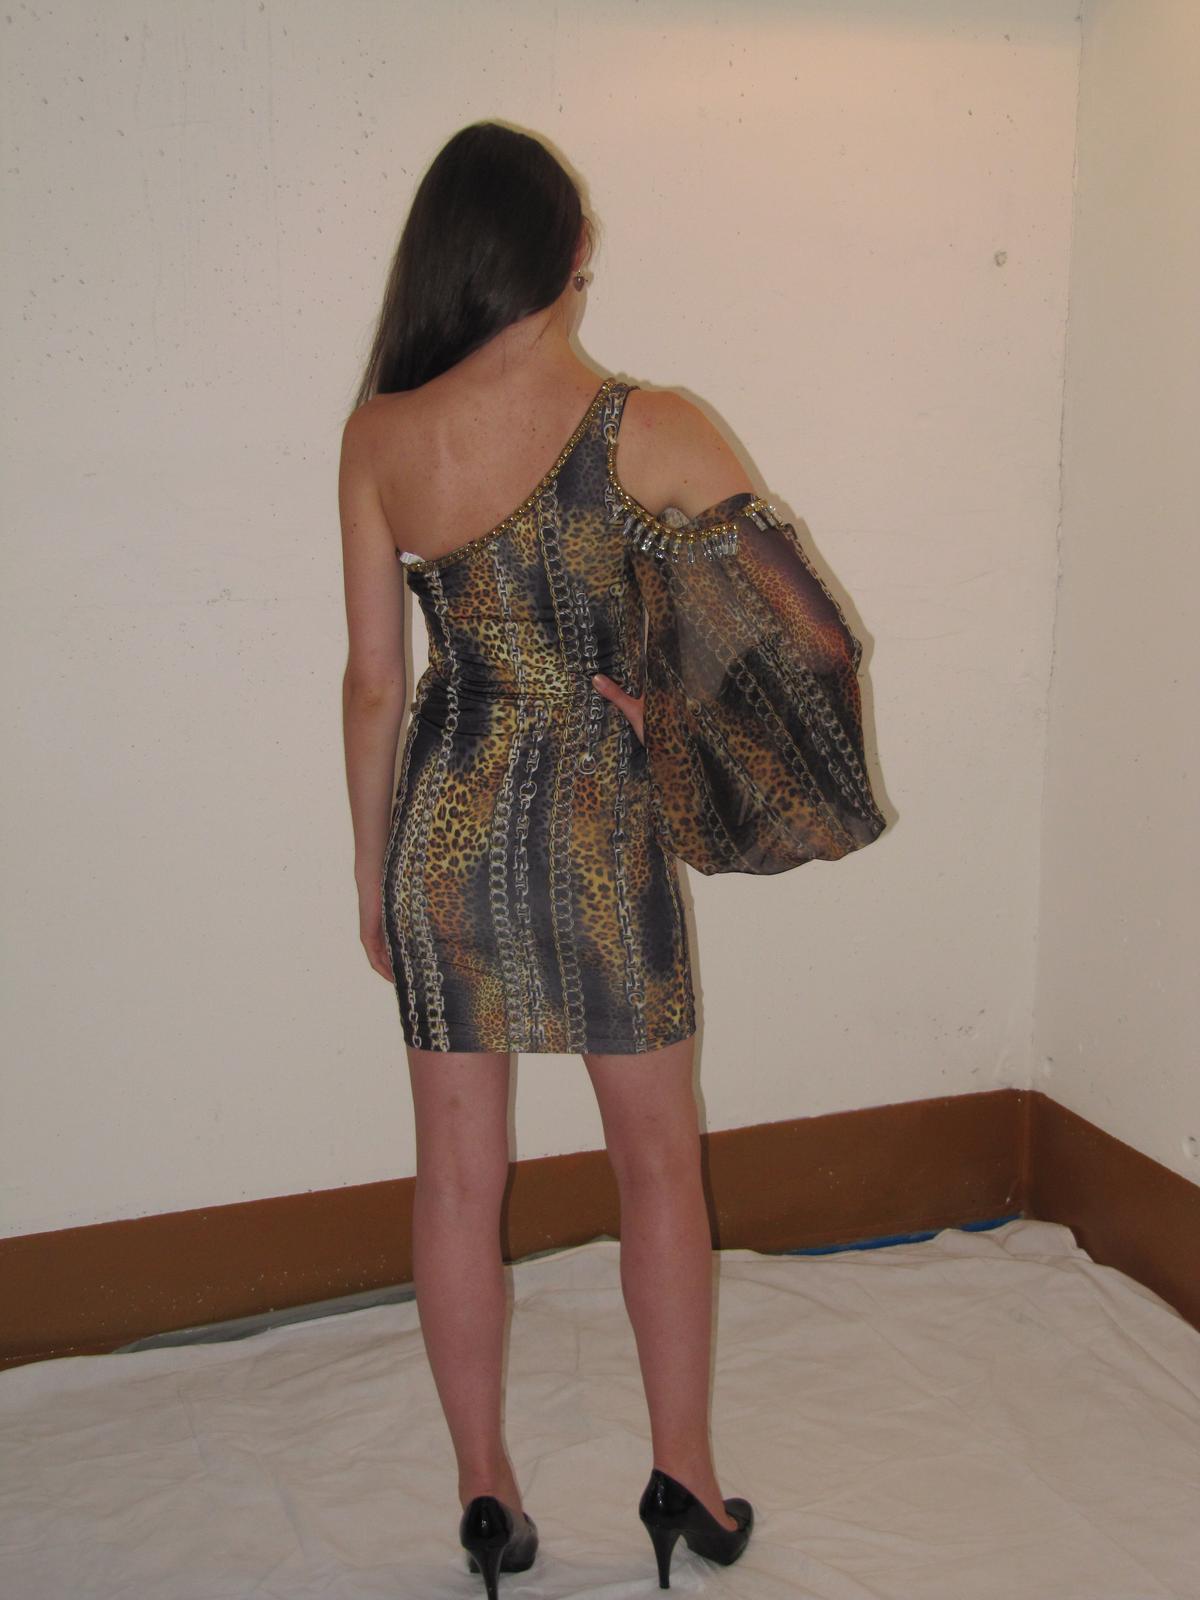 587ffedb99d Značkové šaty - vzor tiger - veľkosť 34-36